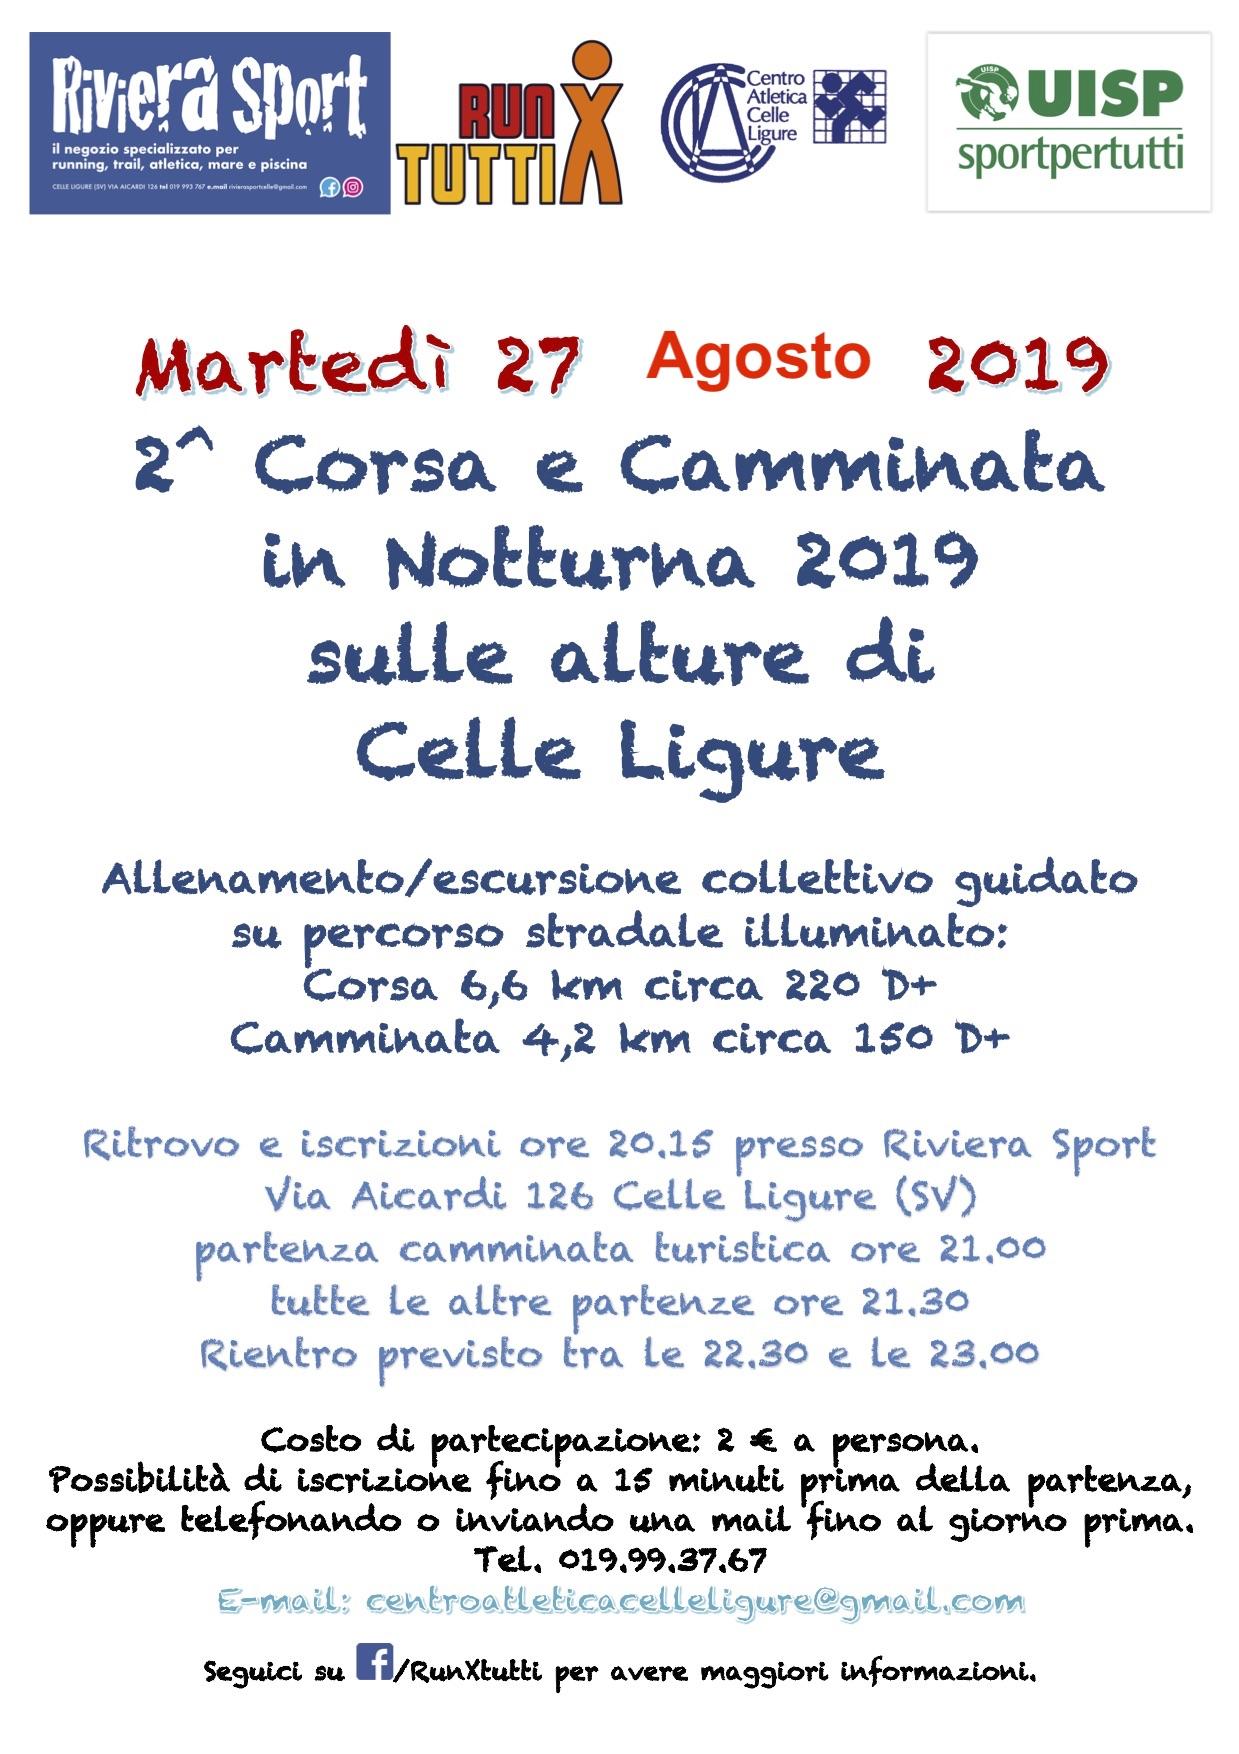 Calendario Podismo Piemonte.Calendario Podistico Ligure E Basso Piemonte Anno 2019